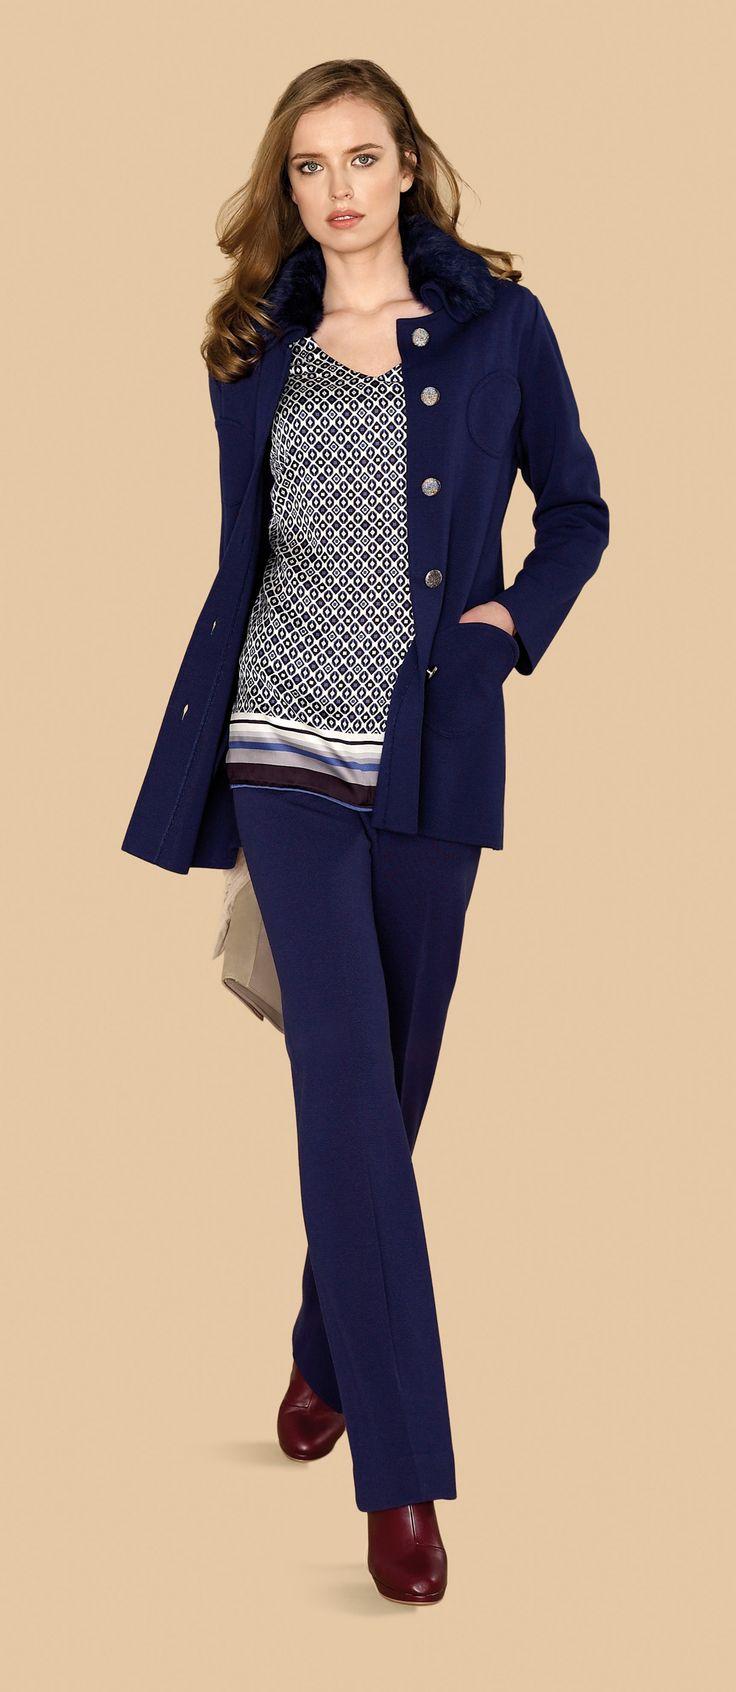 Las 25 mejores ideas sobre chaqueta azul marino en for Combinaciones con azul